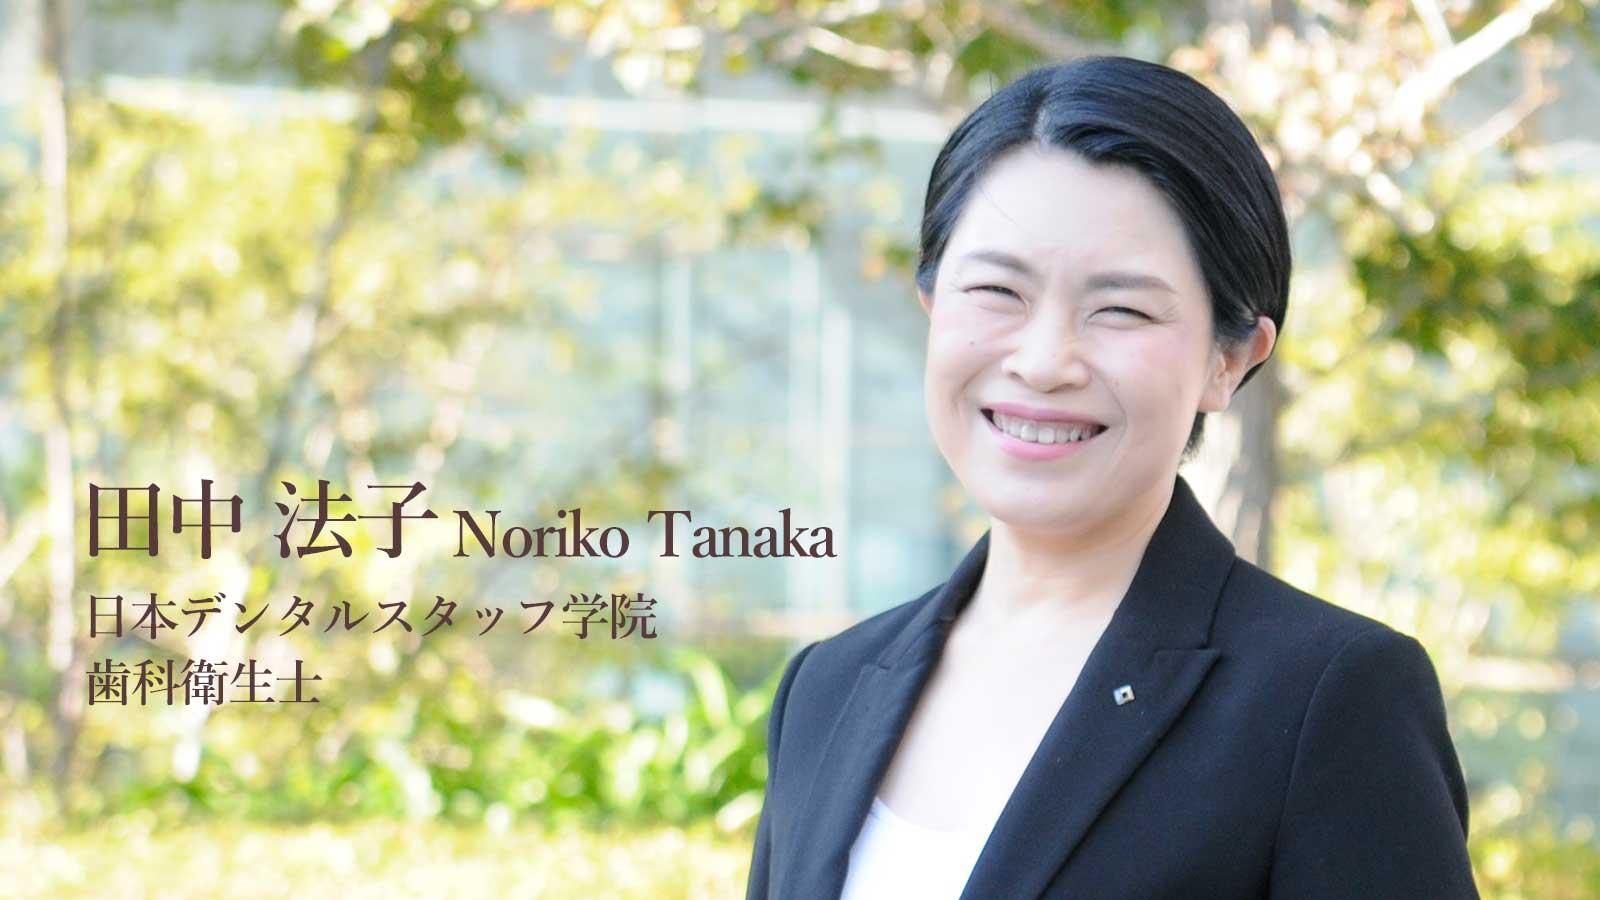 田中法子さん『歯科衛生士として、教育者として』の画像です